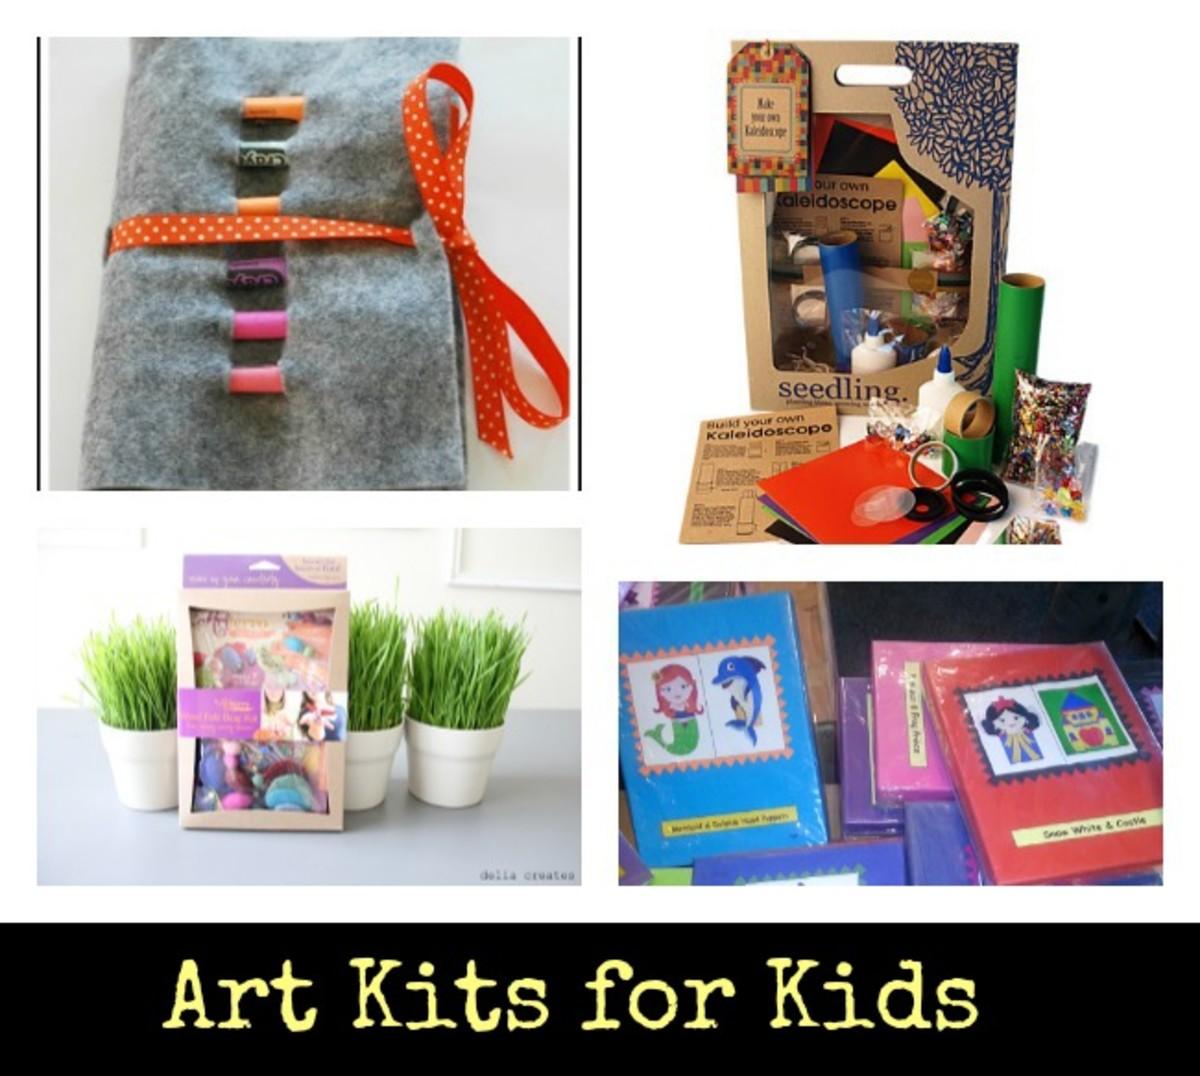 friday finds art kits for kids momtrendsmomtrends. Black Bedroom Furniture Sets. Home Design Ideas